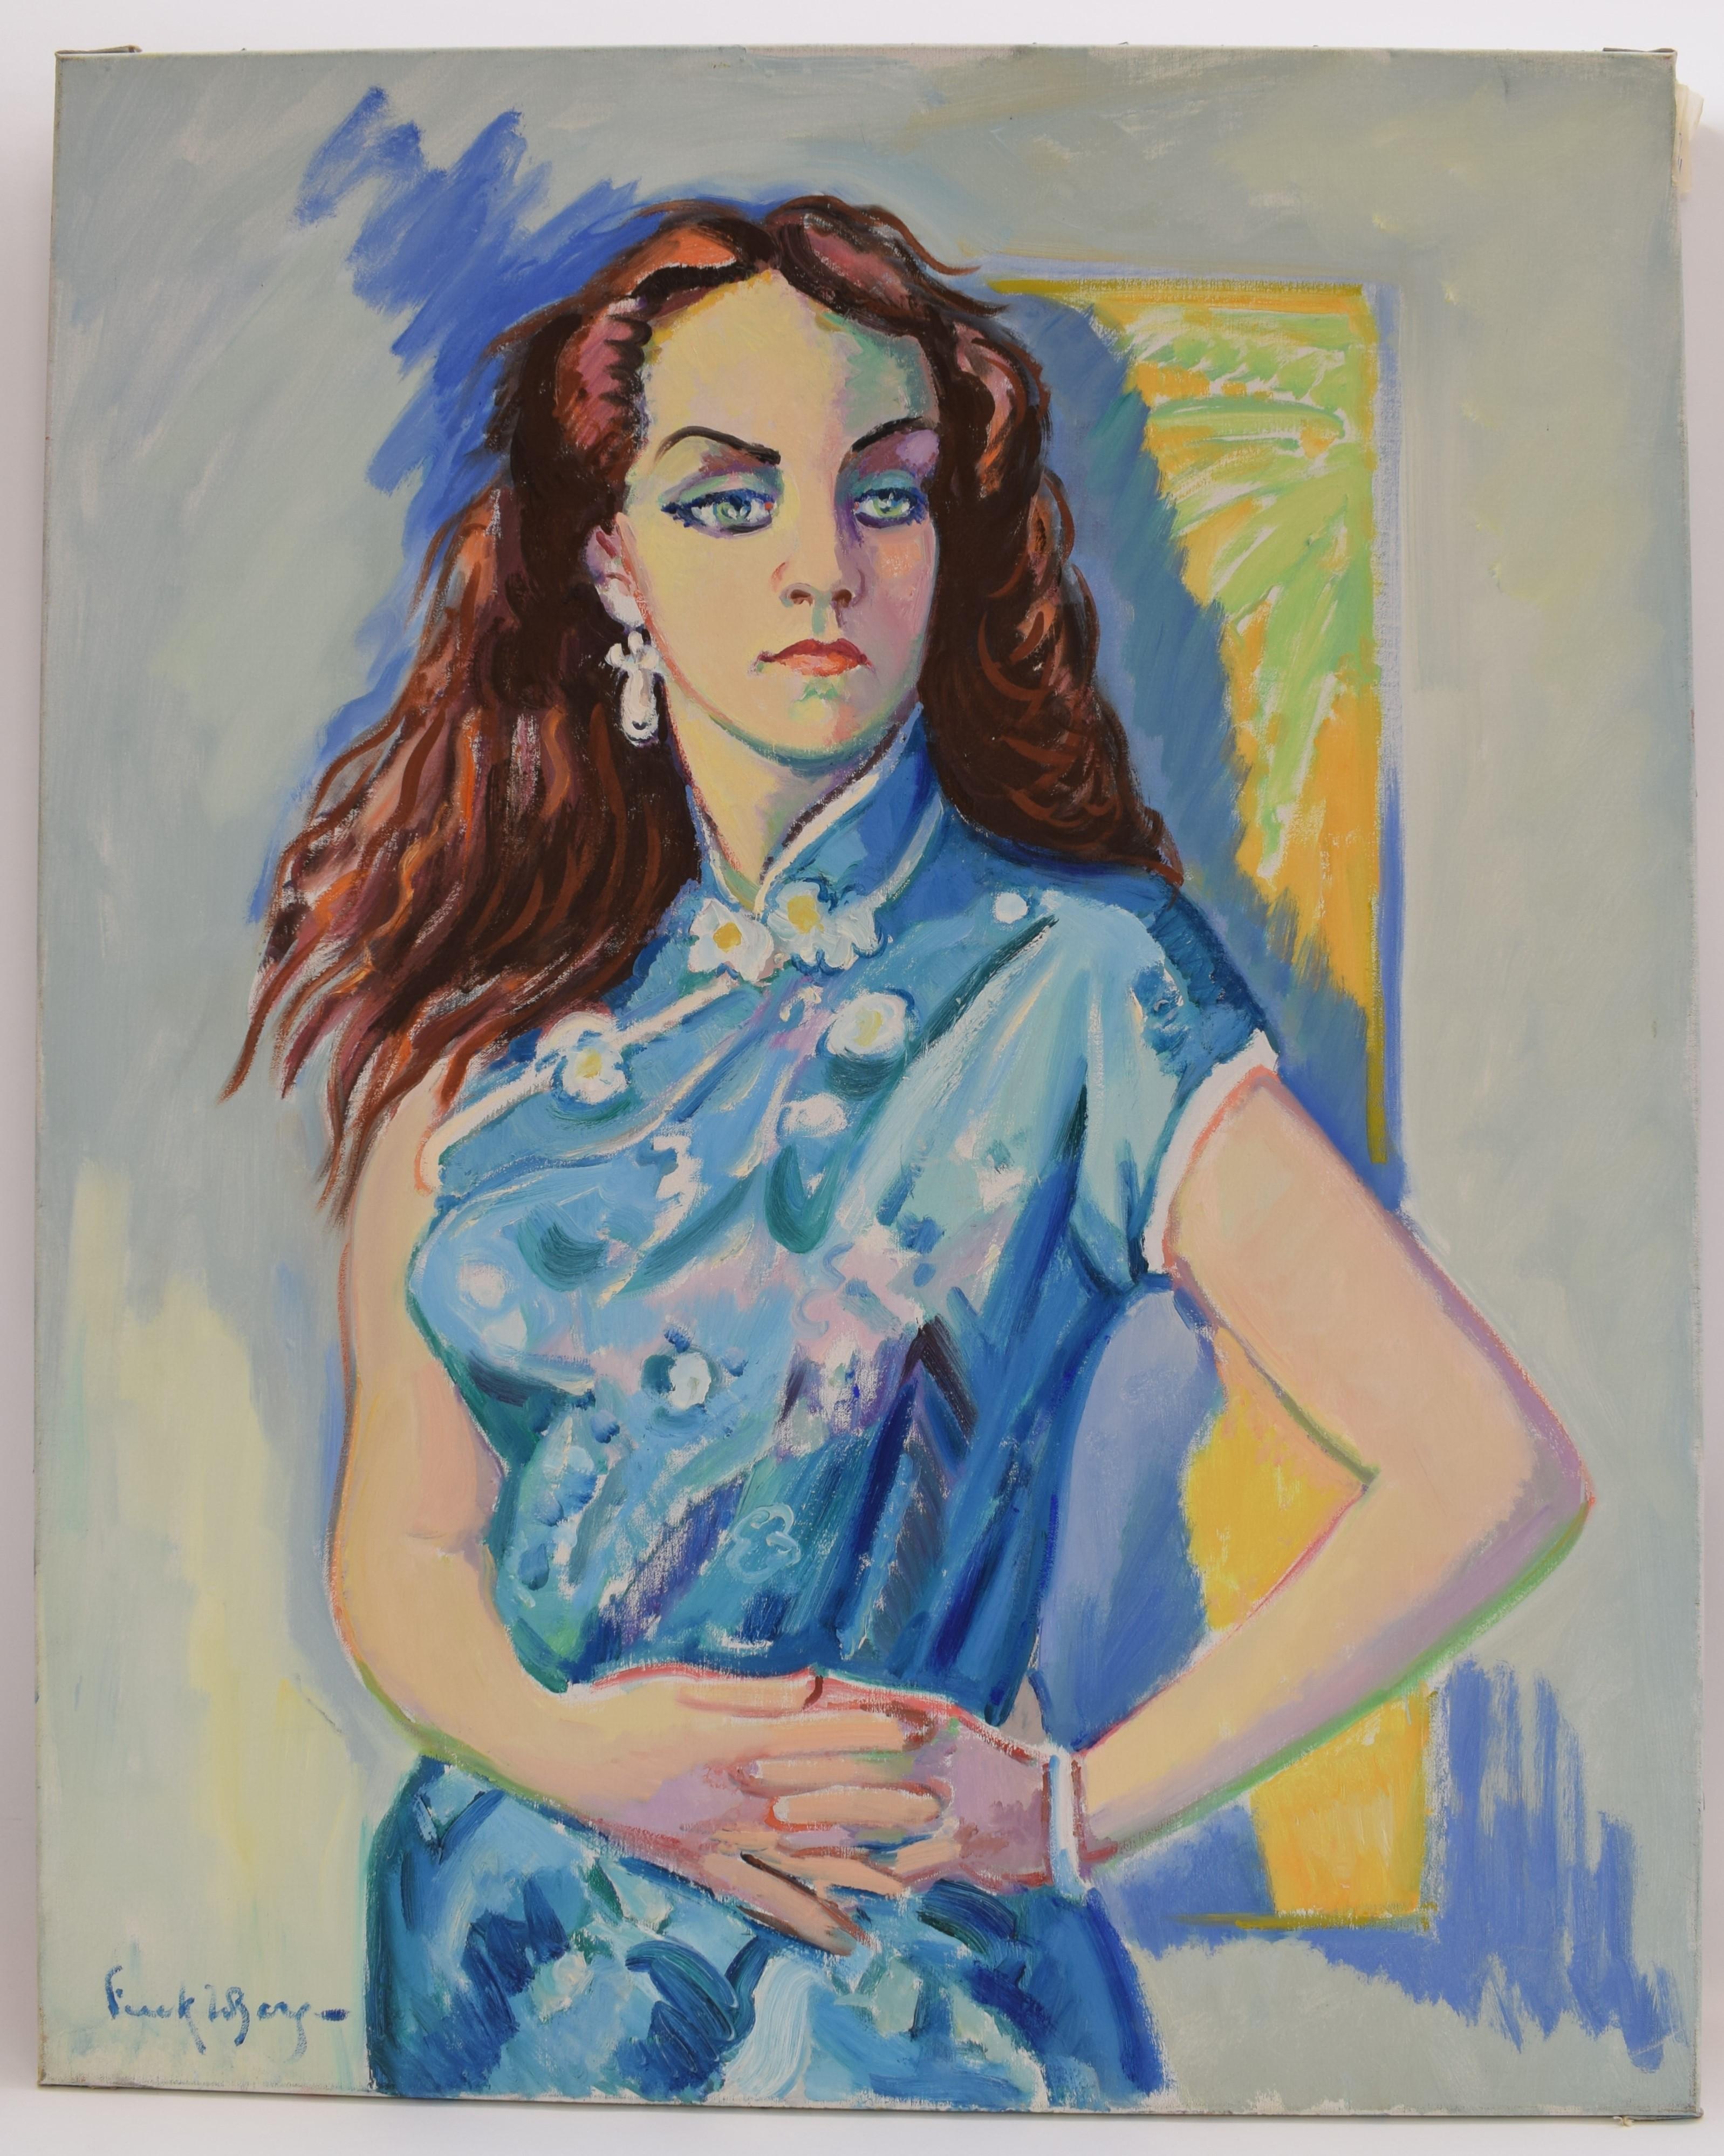 Margaretha C. - Oil Paint on Canvas, Fauvist, Dutch Artist, Portrait, Painting